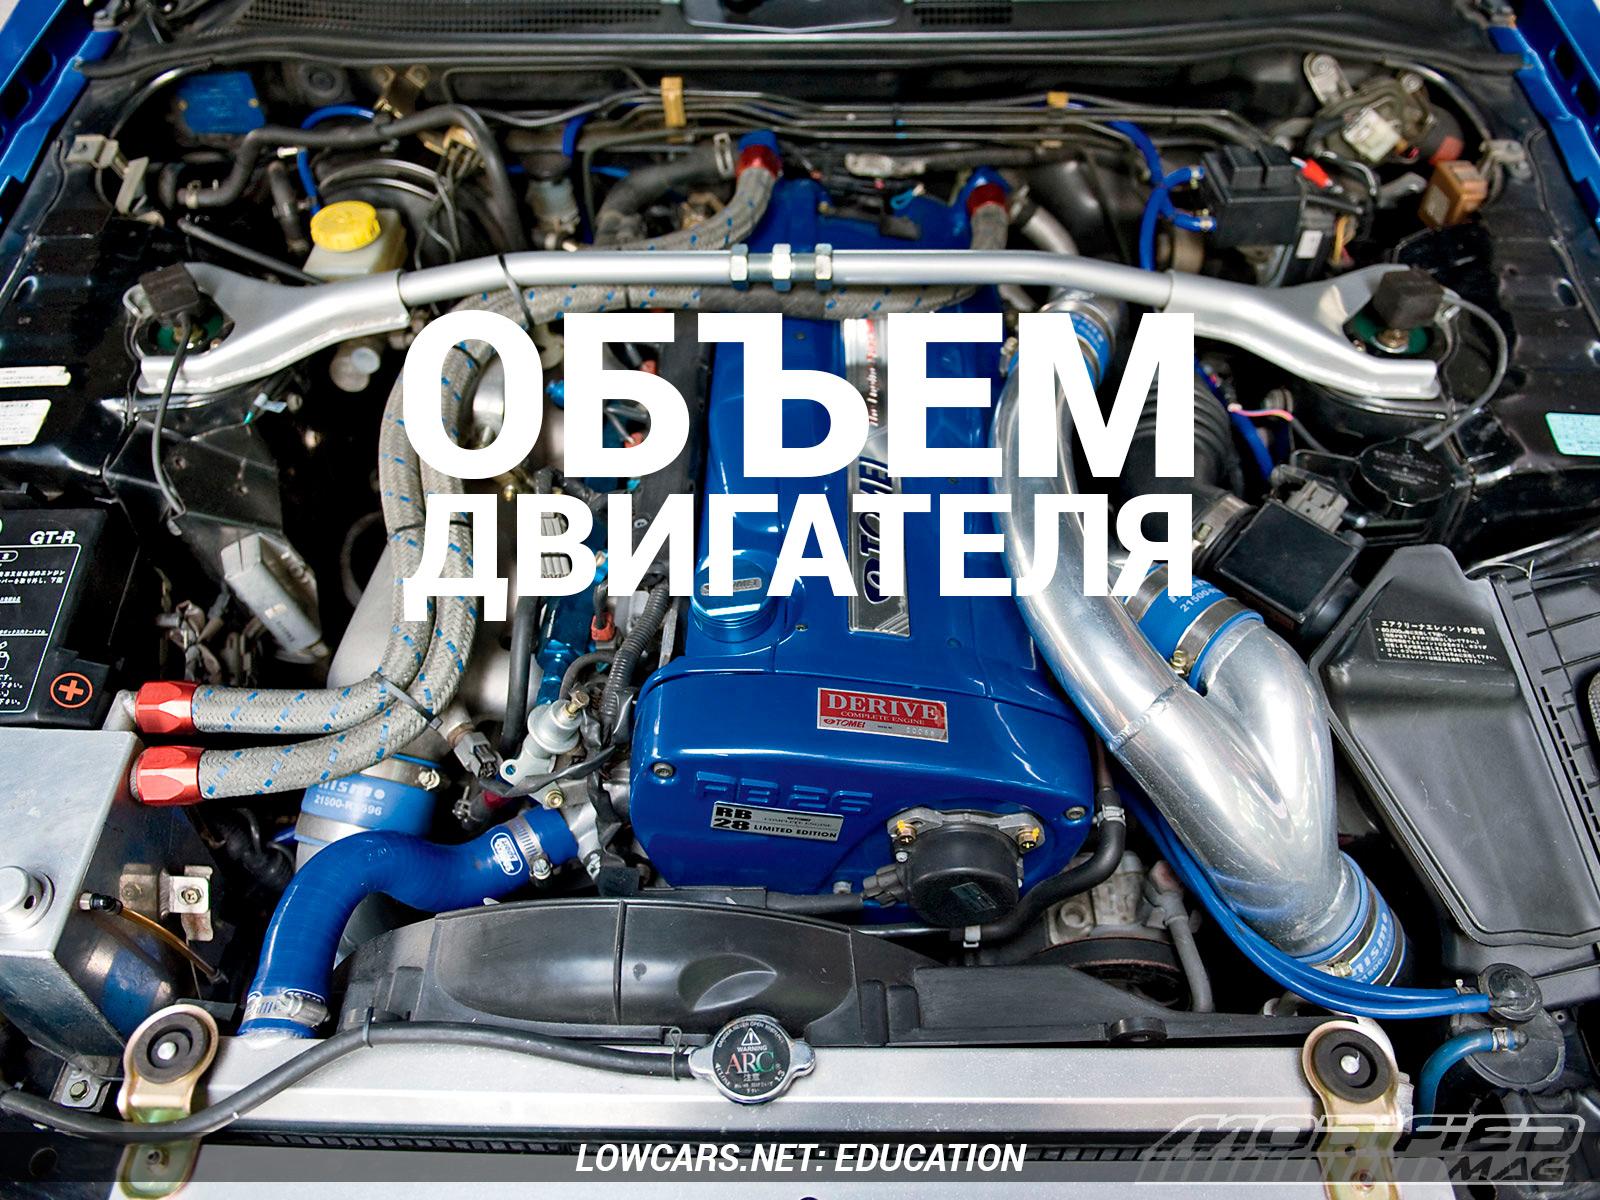 промокоды двигатель рядная шестерка на каких авто стоят денежных средств корпоративной